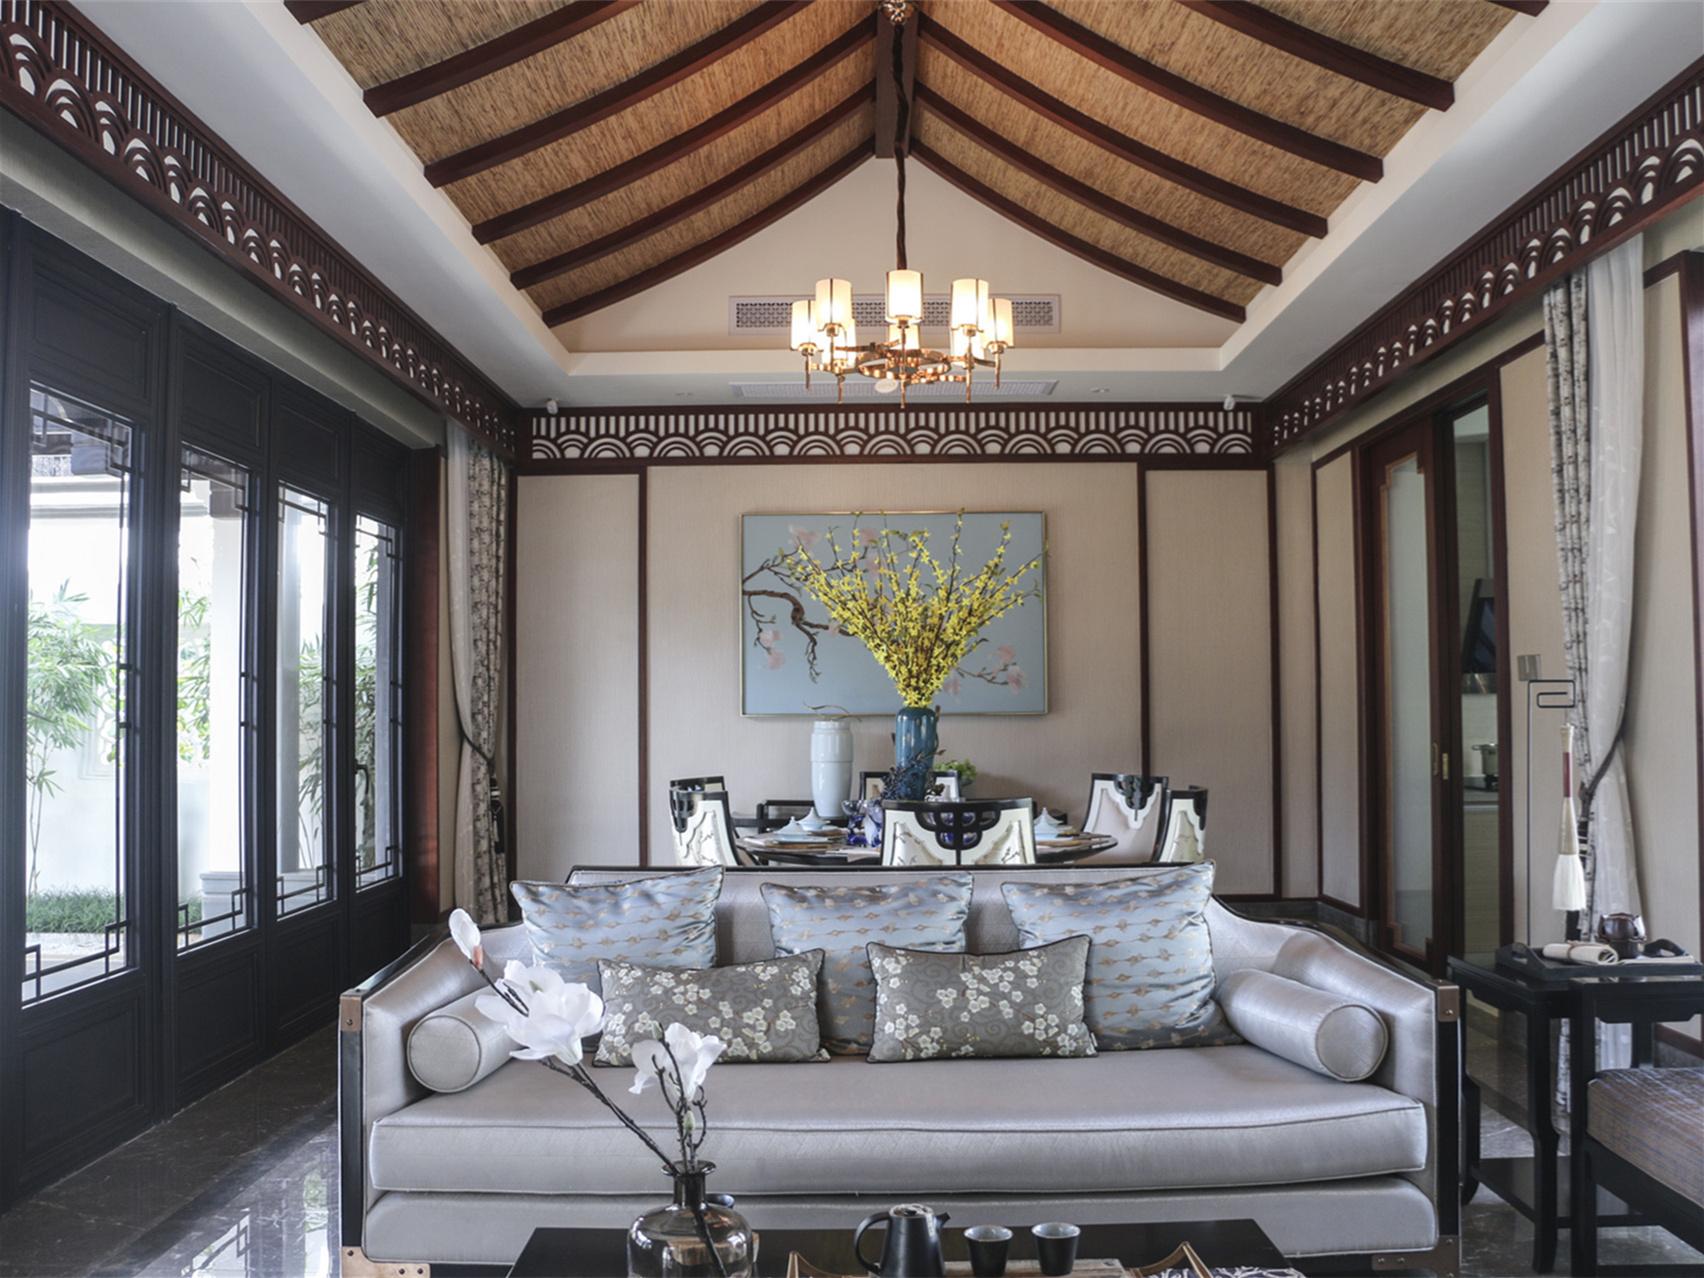 中式家装风格有什么特点?有哪些注意事项?